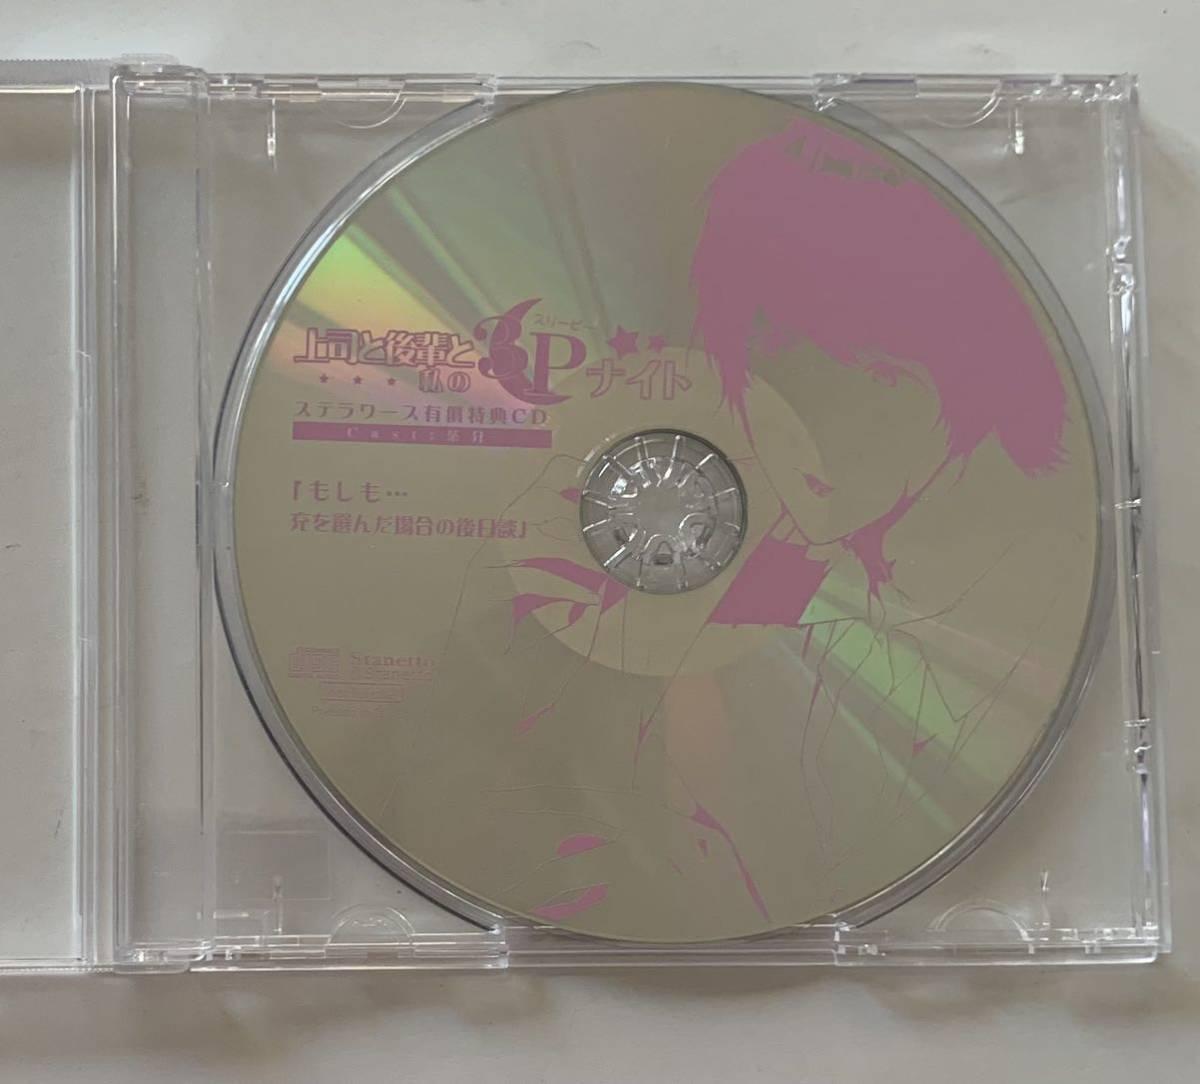 中古 特典 乙女 ドラマ CD 上司と後輩と私の3Pナイト ステラワース 有償特典 ミニドラマ 朗読 シチュエーション 茶介 Otome cd chasuke_画像1